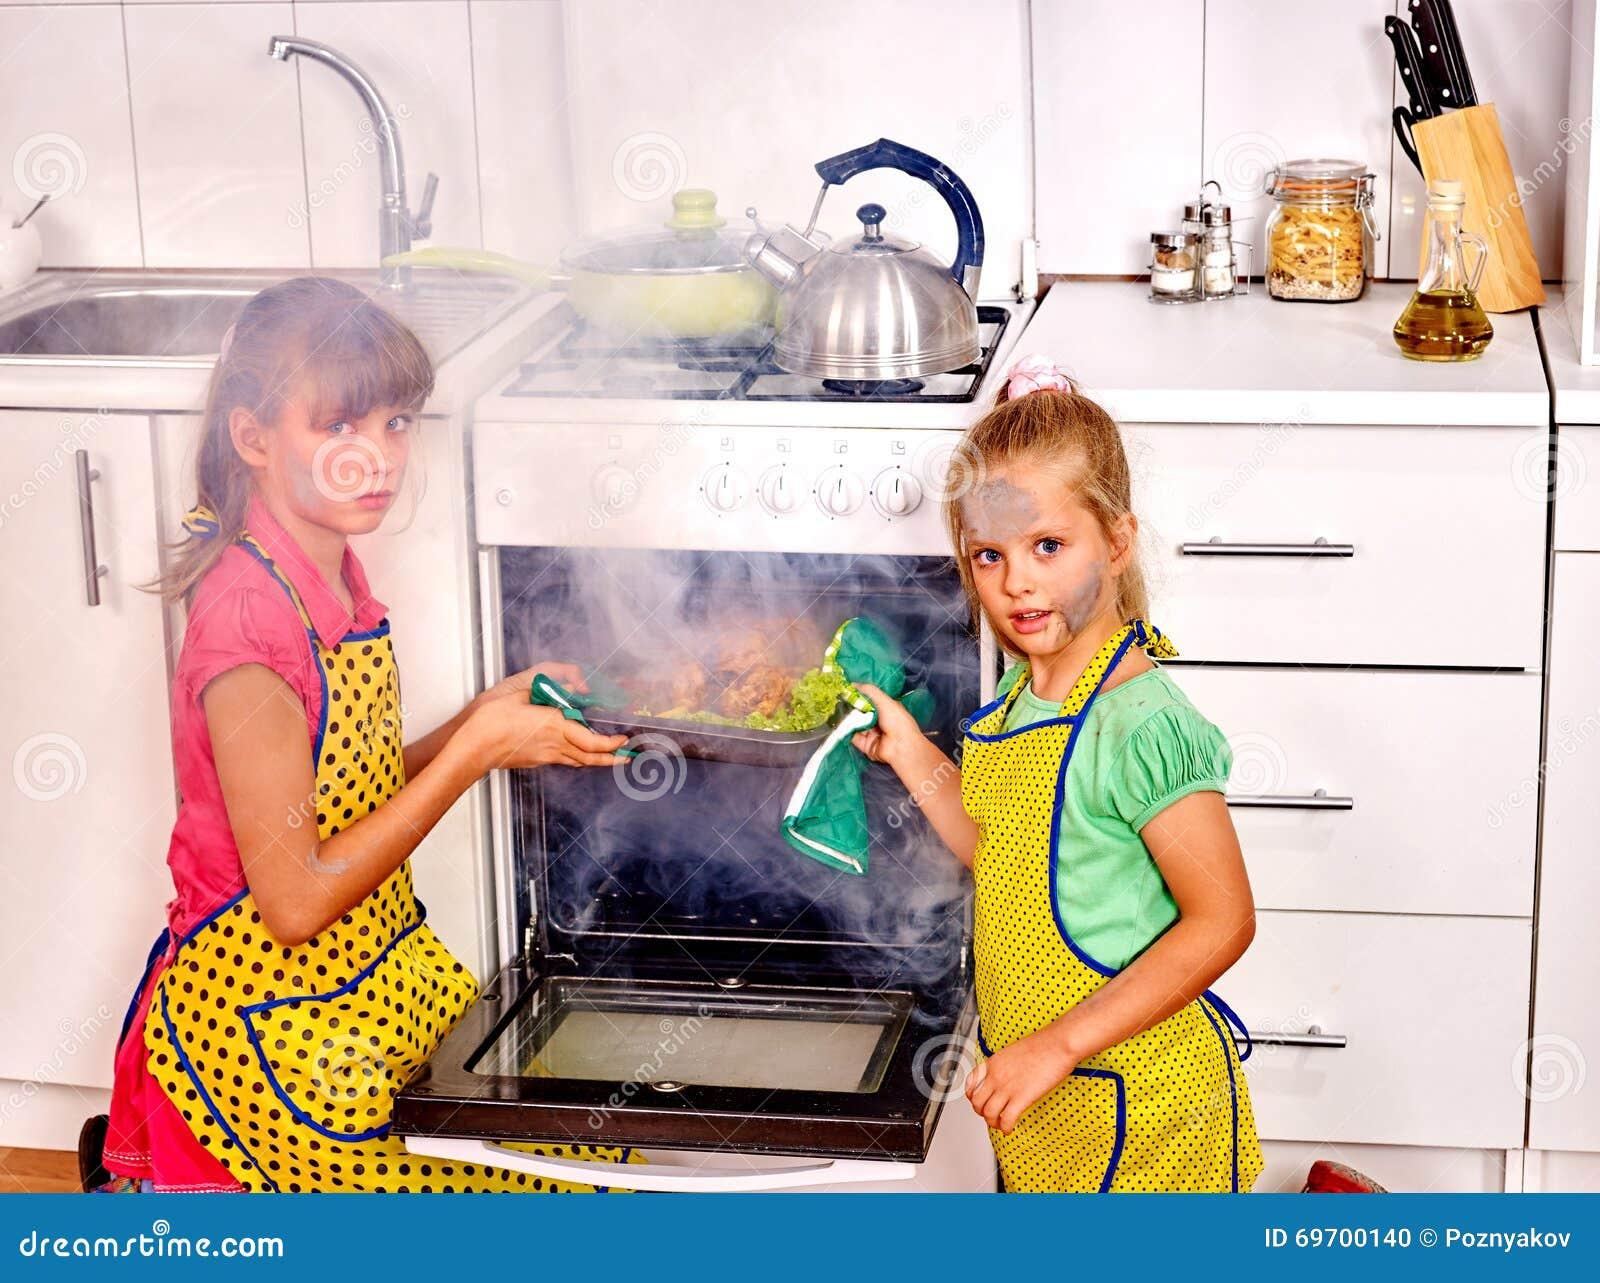 Kinder, Die Schlecht Huhn An Der Küche Kochen Stockfoto - Bild von ...